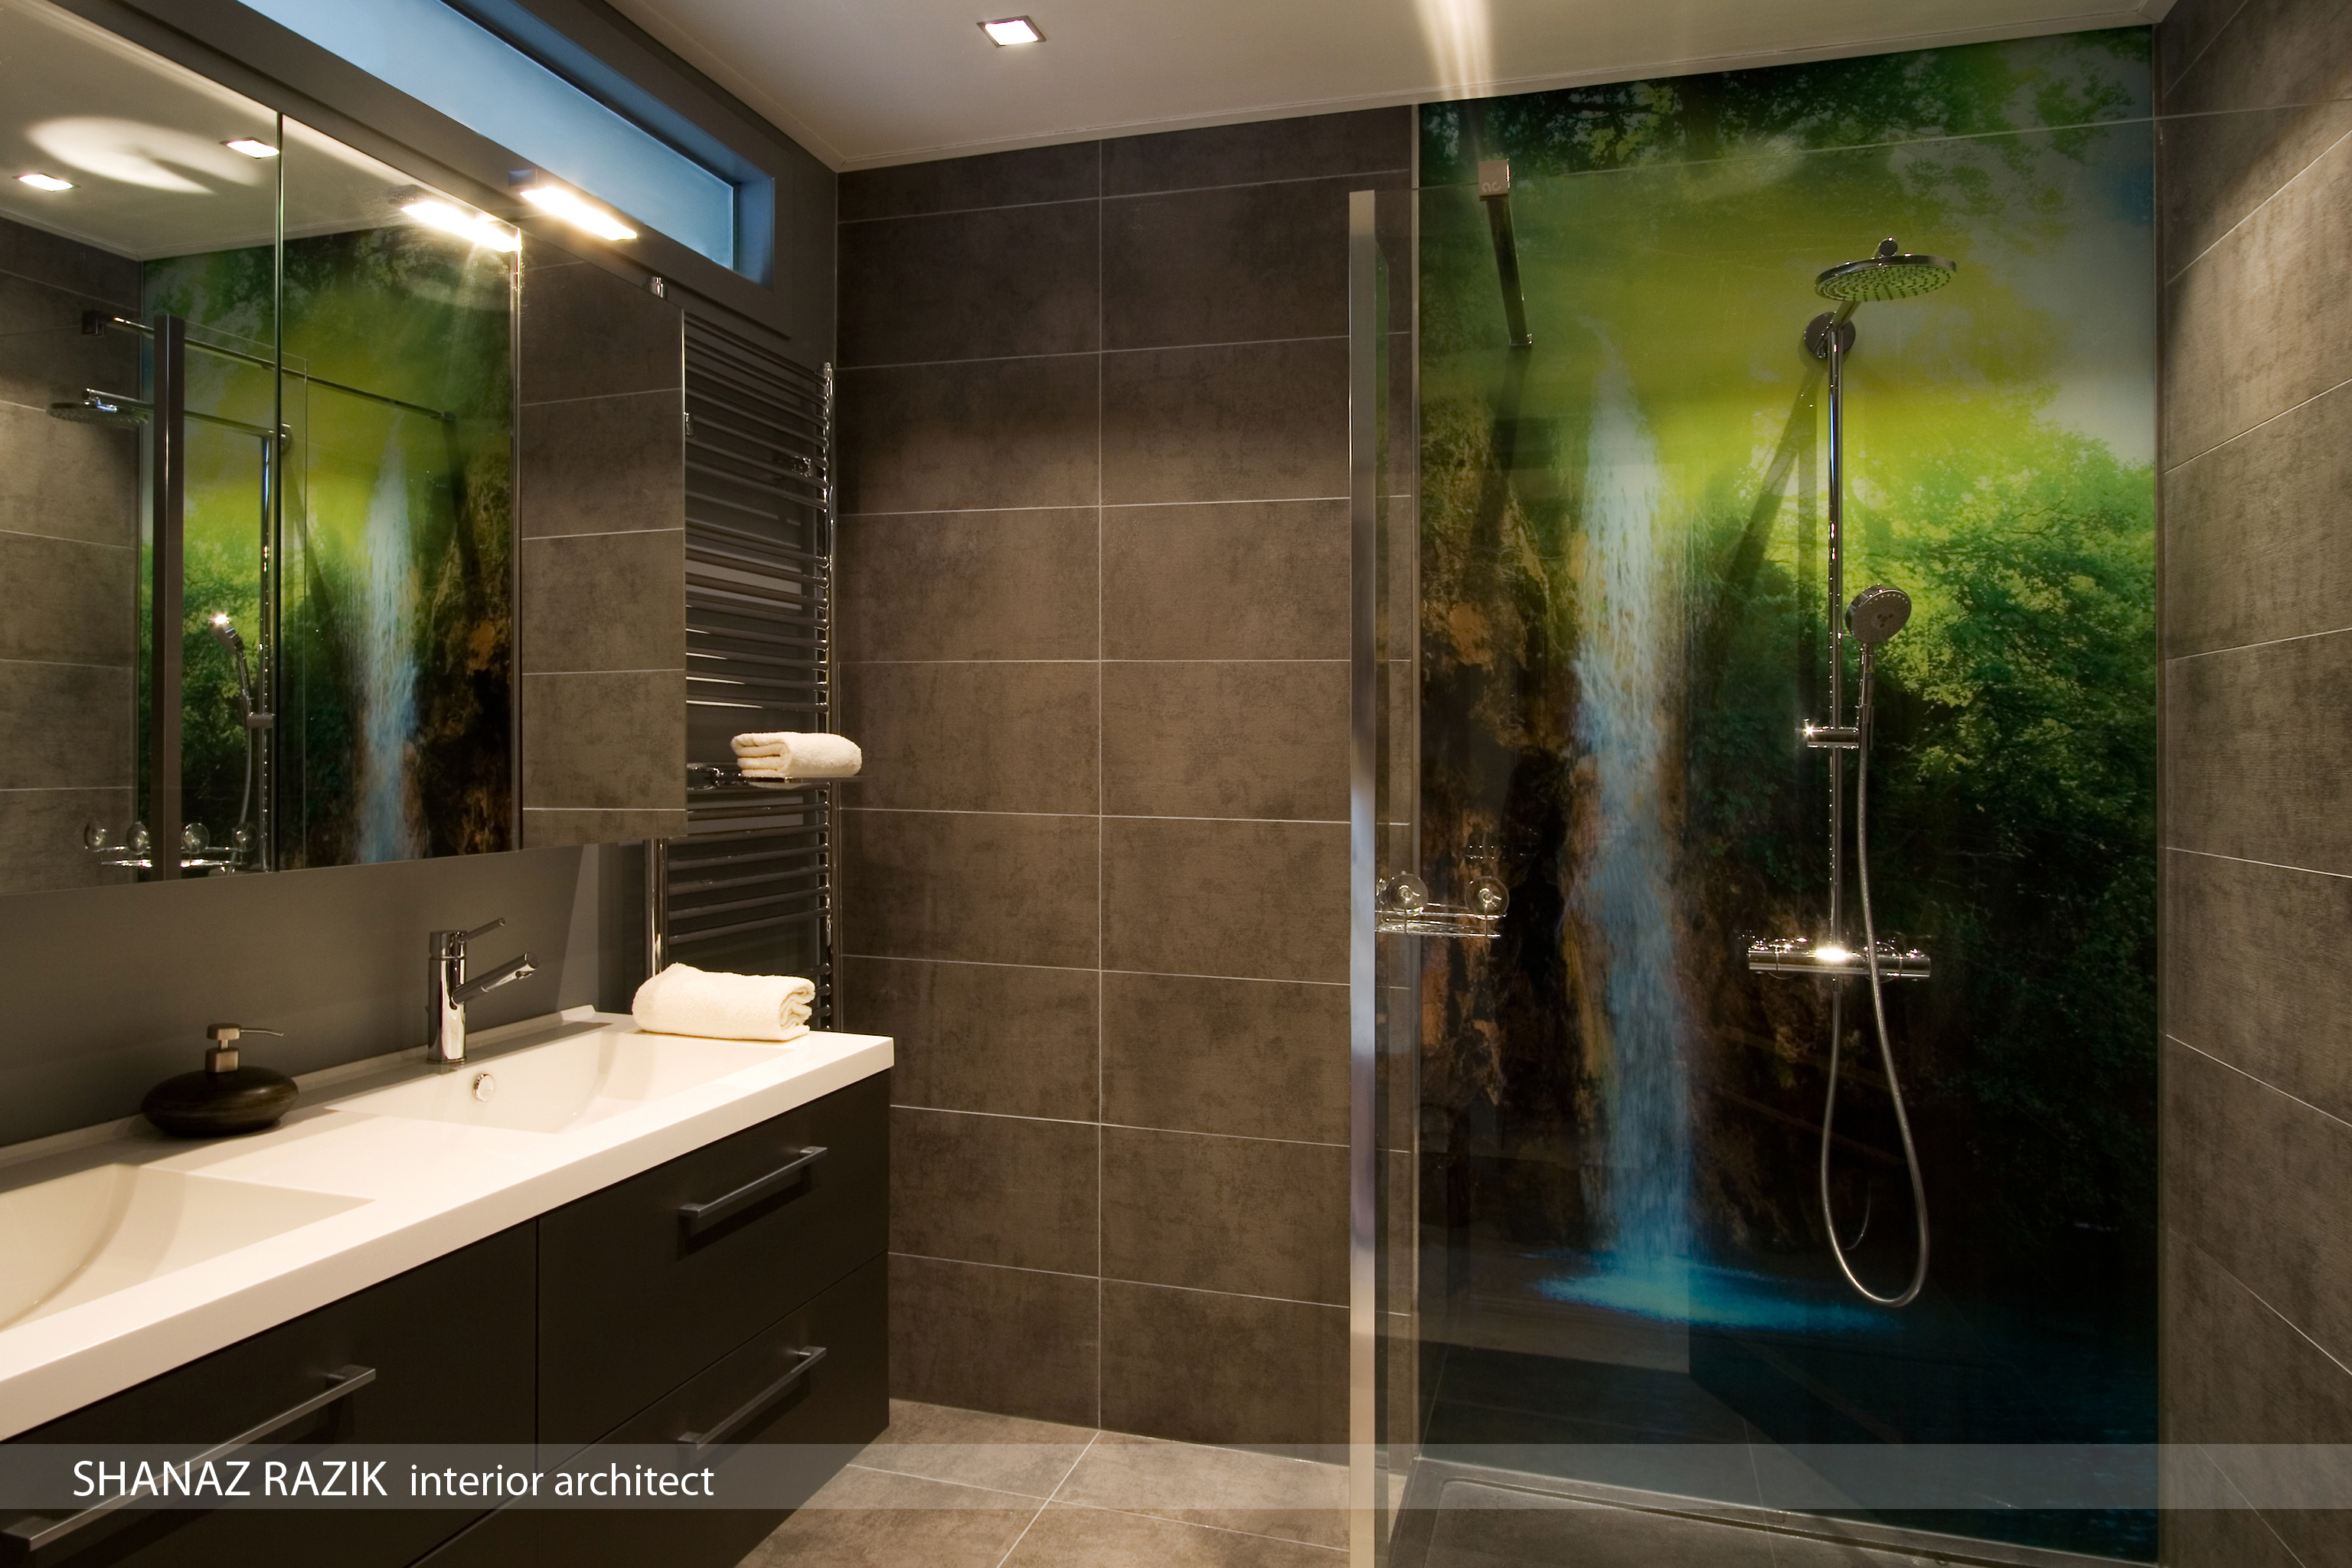 Inloopdouche design ontwerp inspiratie voor uw badkamer meubels thuis - Fotos italiaanse douche ontwerp ...